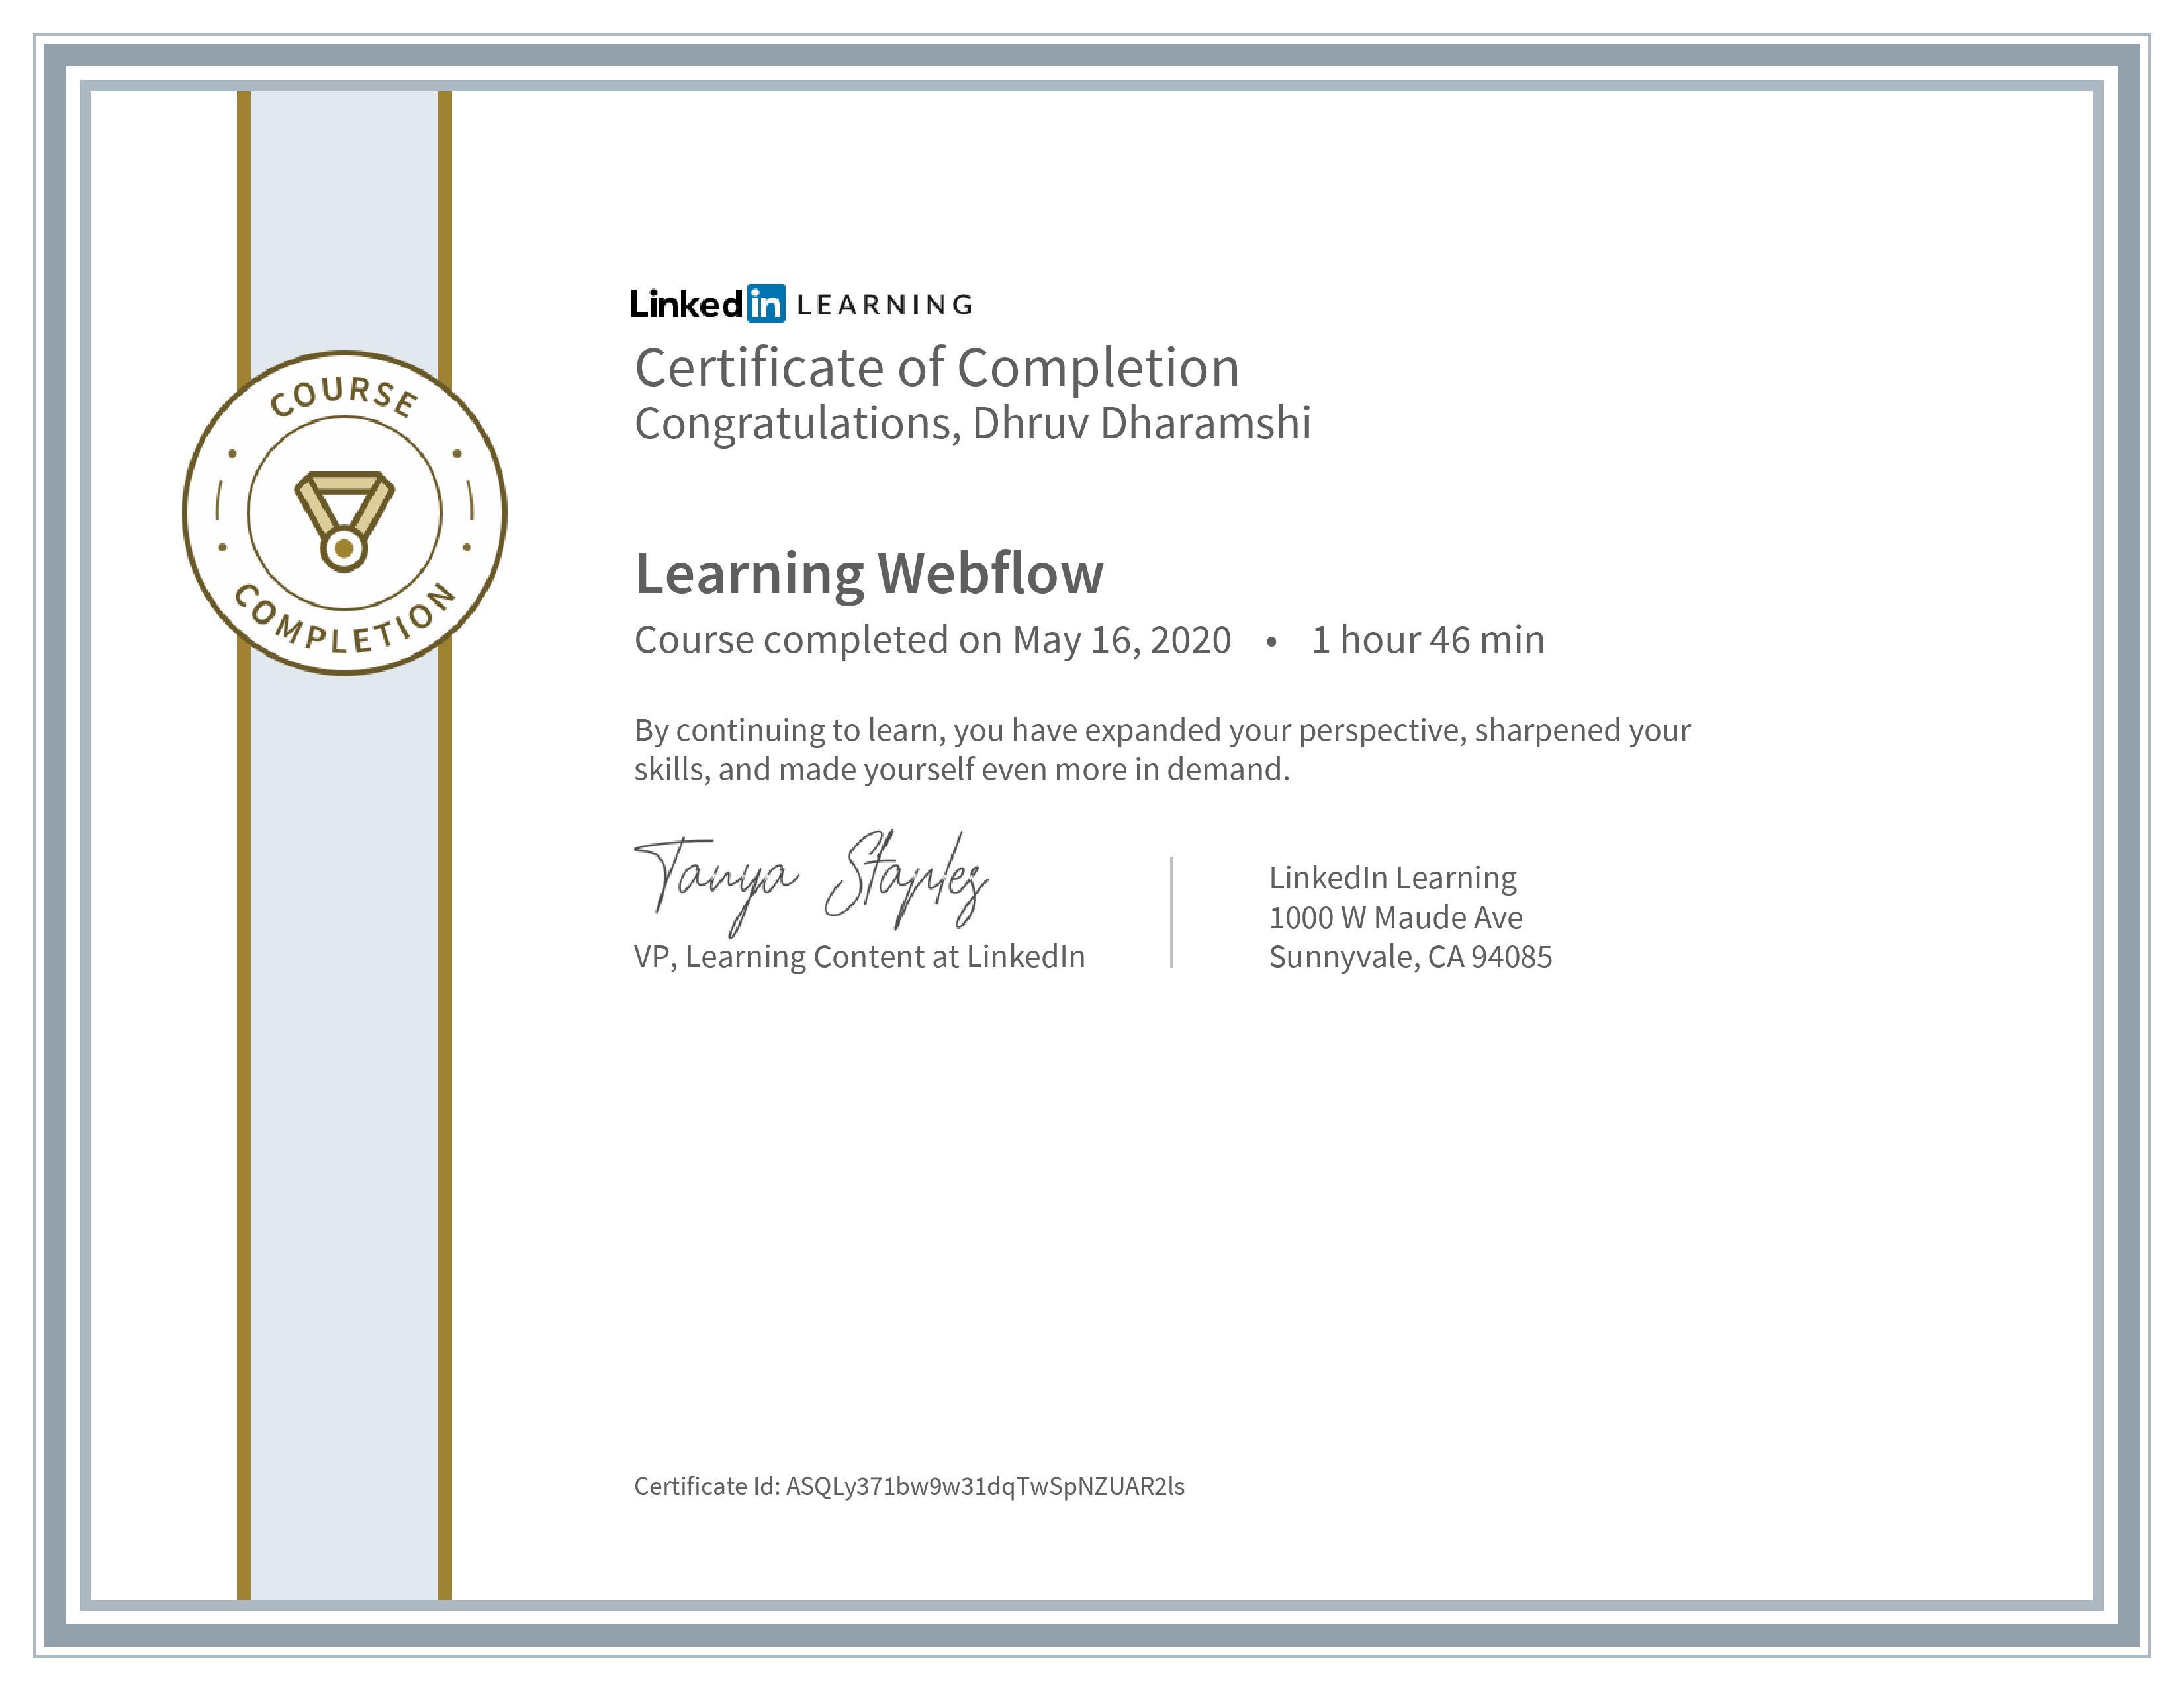 Learning Webflow